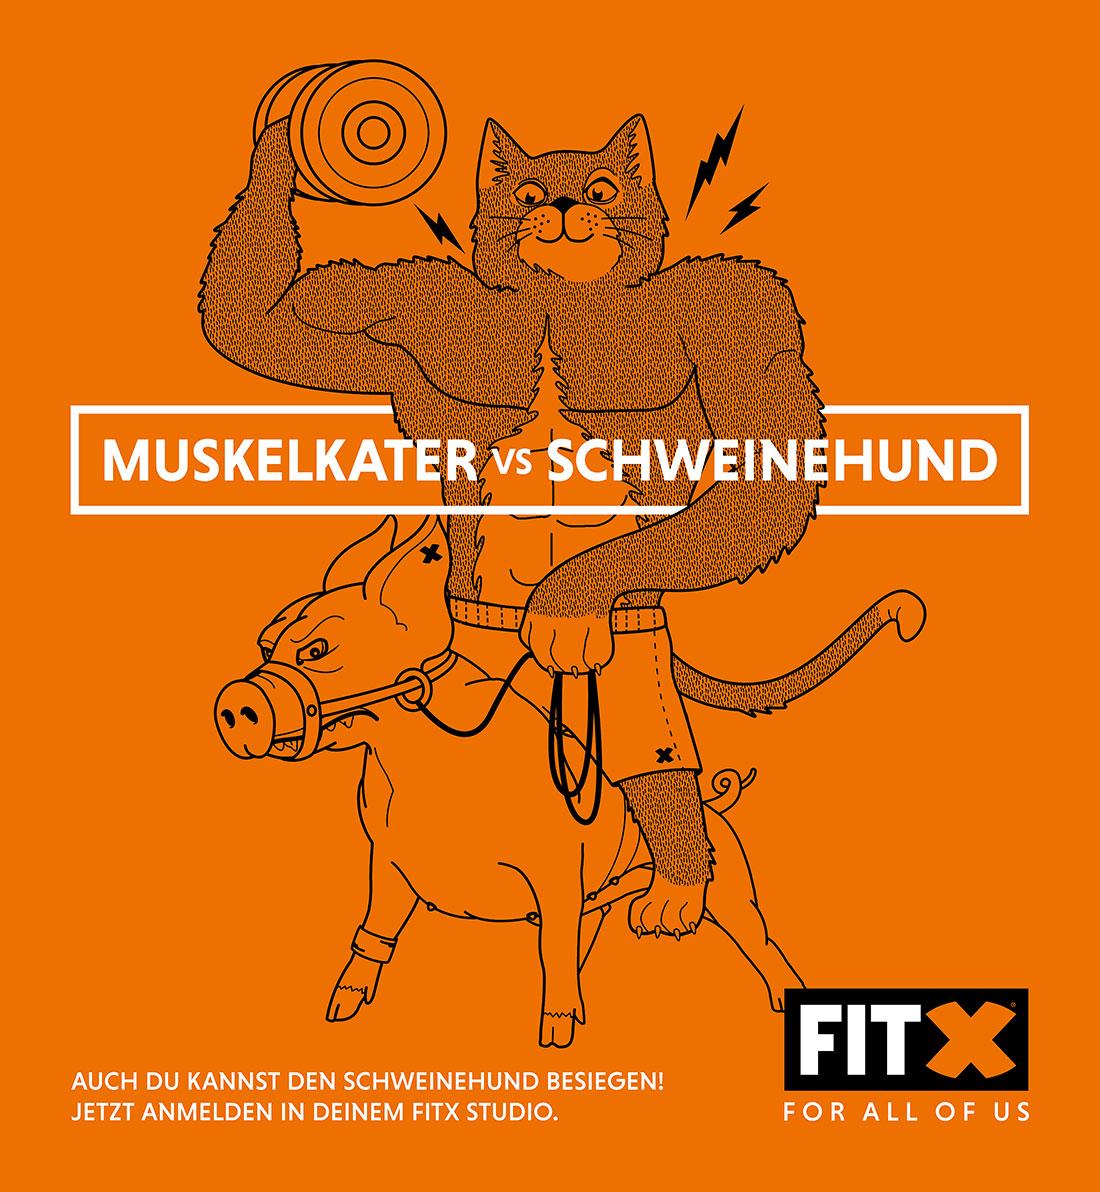 Muskelkater vs. Schweinehund - wer gewinnt? FitX_Muskalkater-vs-Schweinehund_04